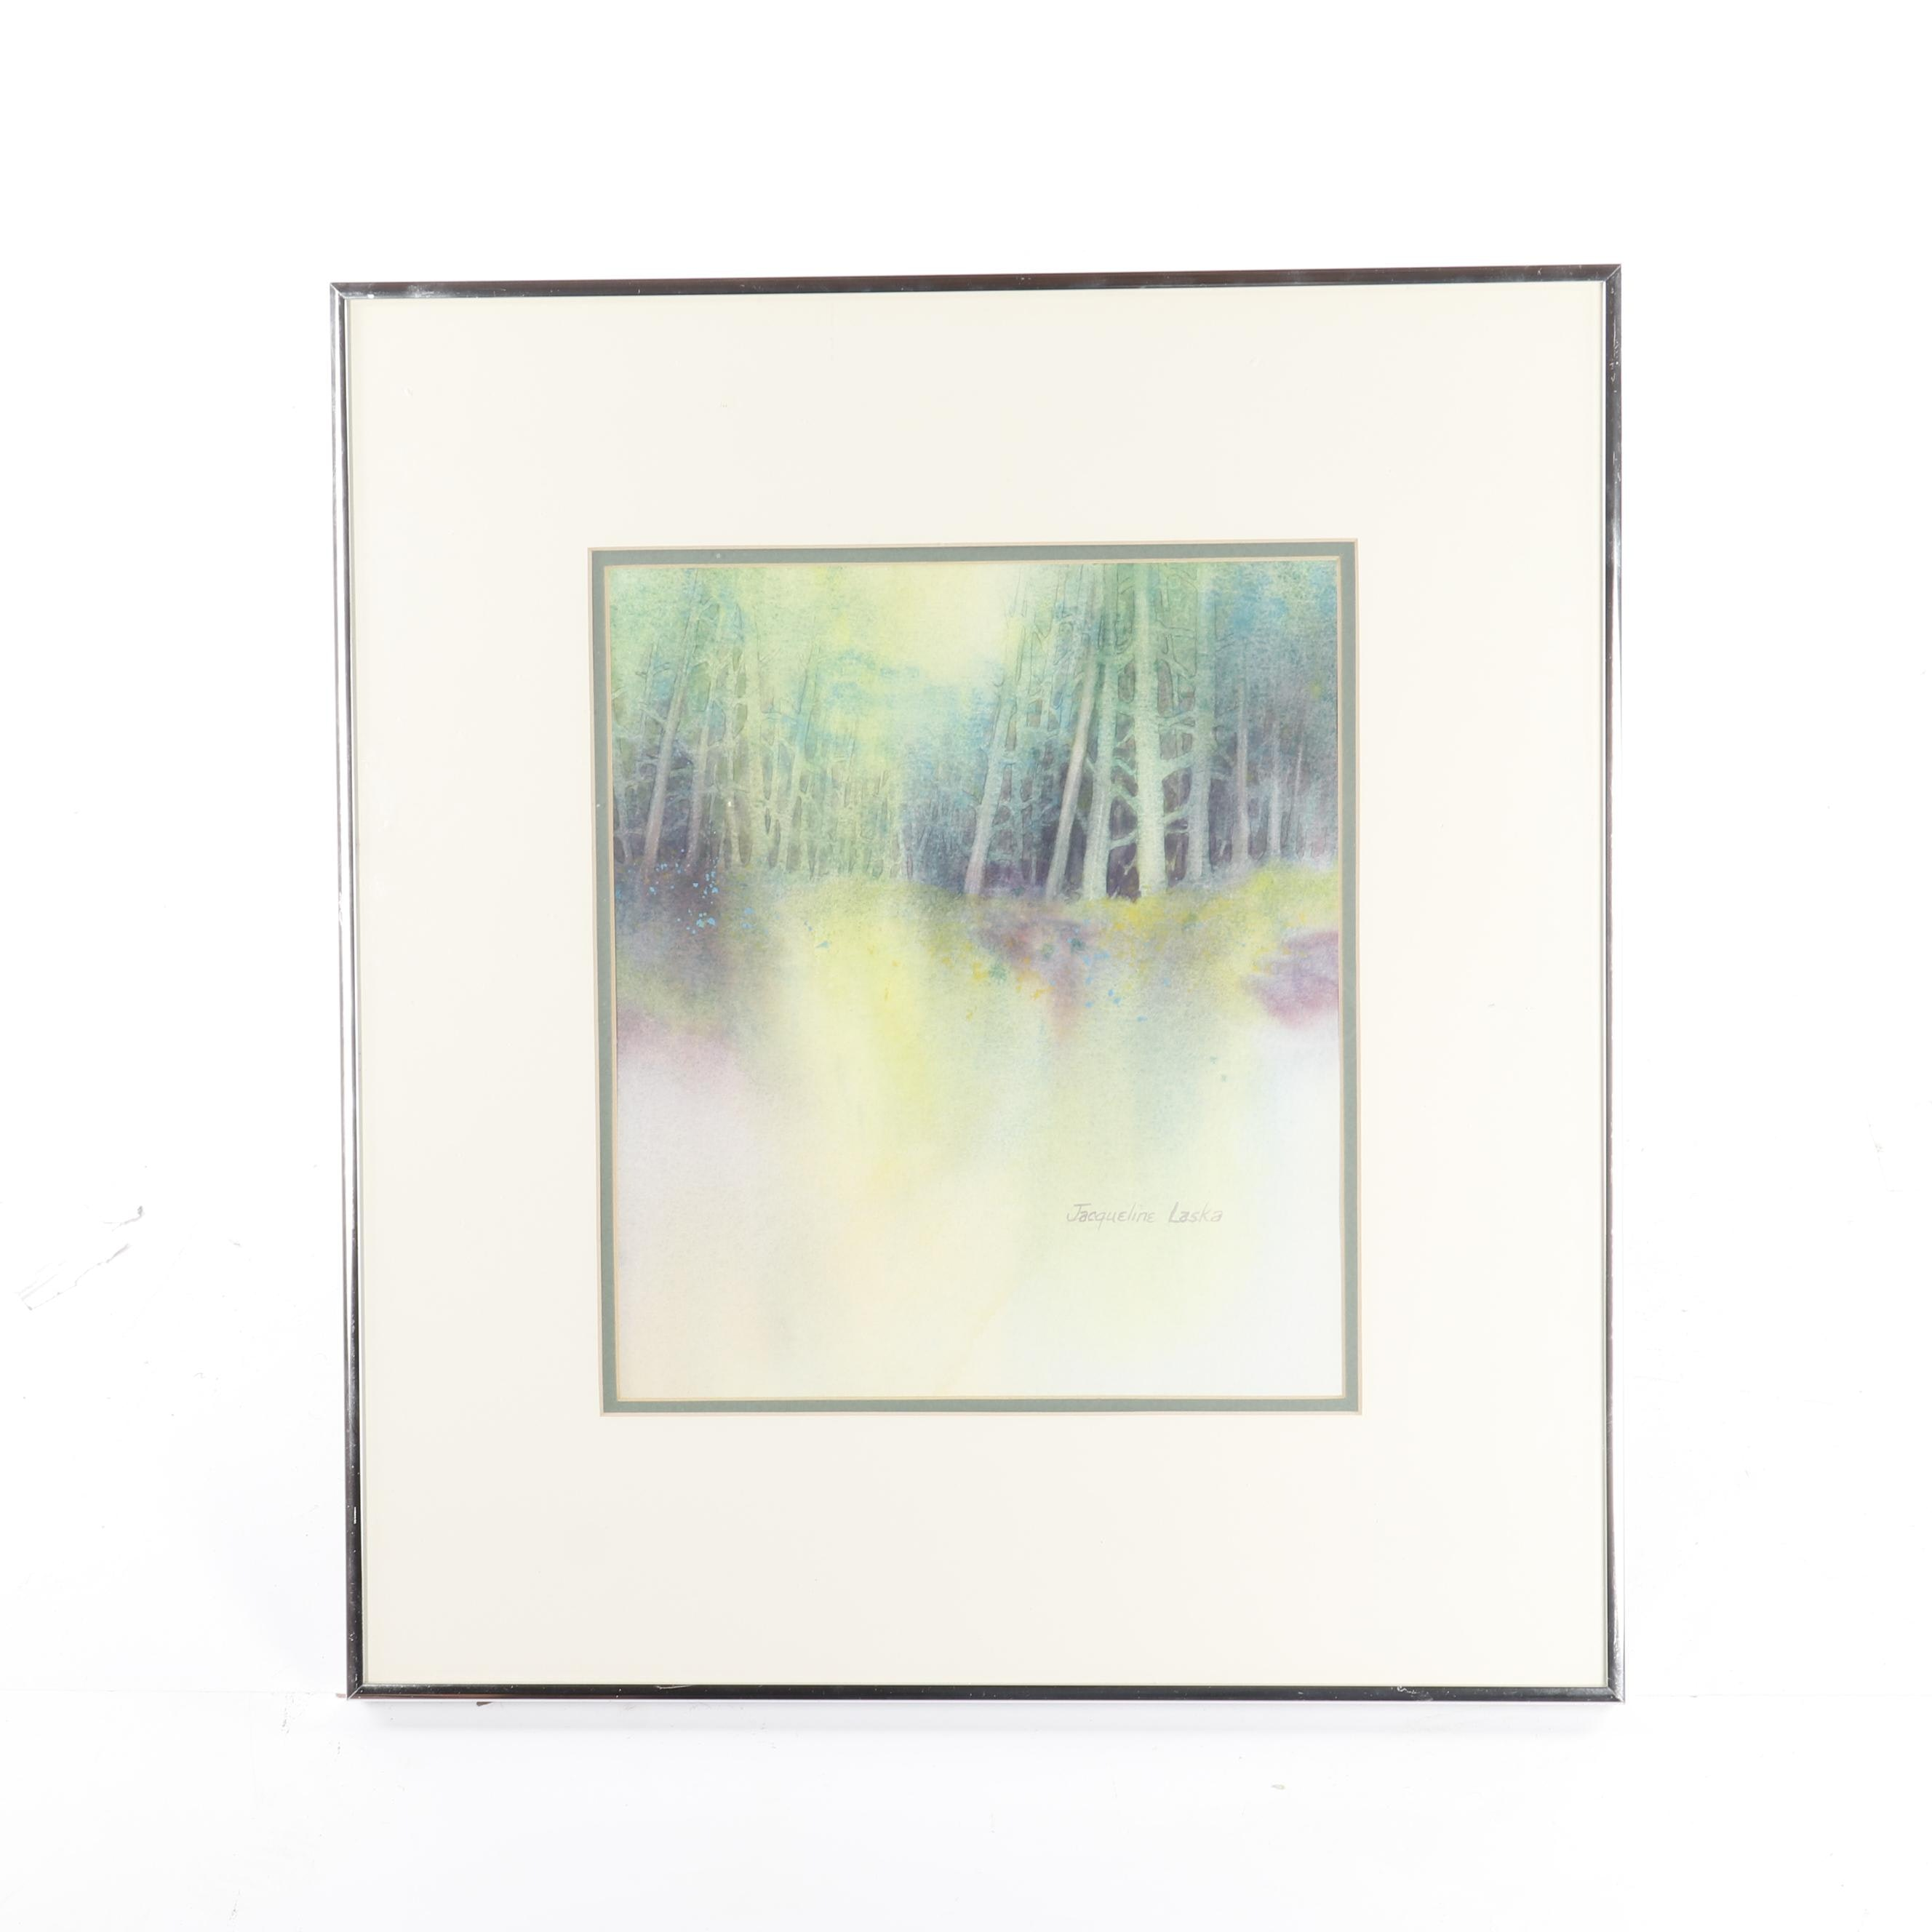 Jacqueline Laska Watercolor Landscape Painting